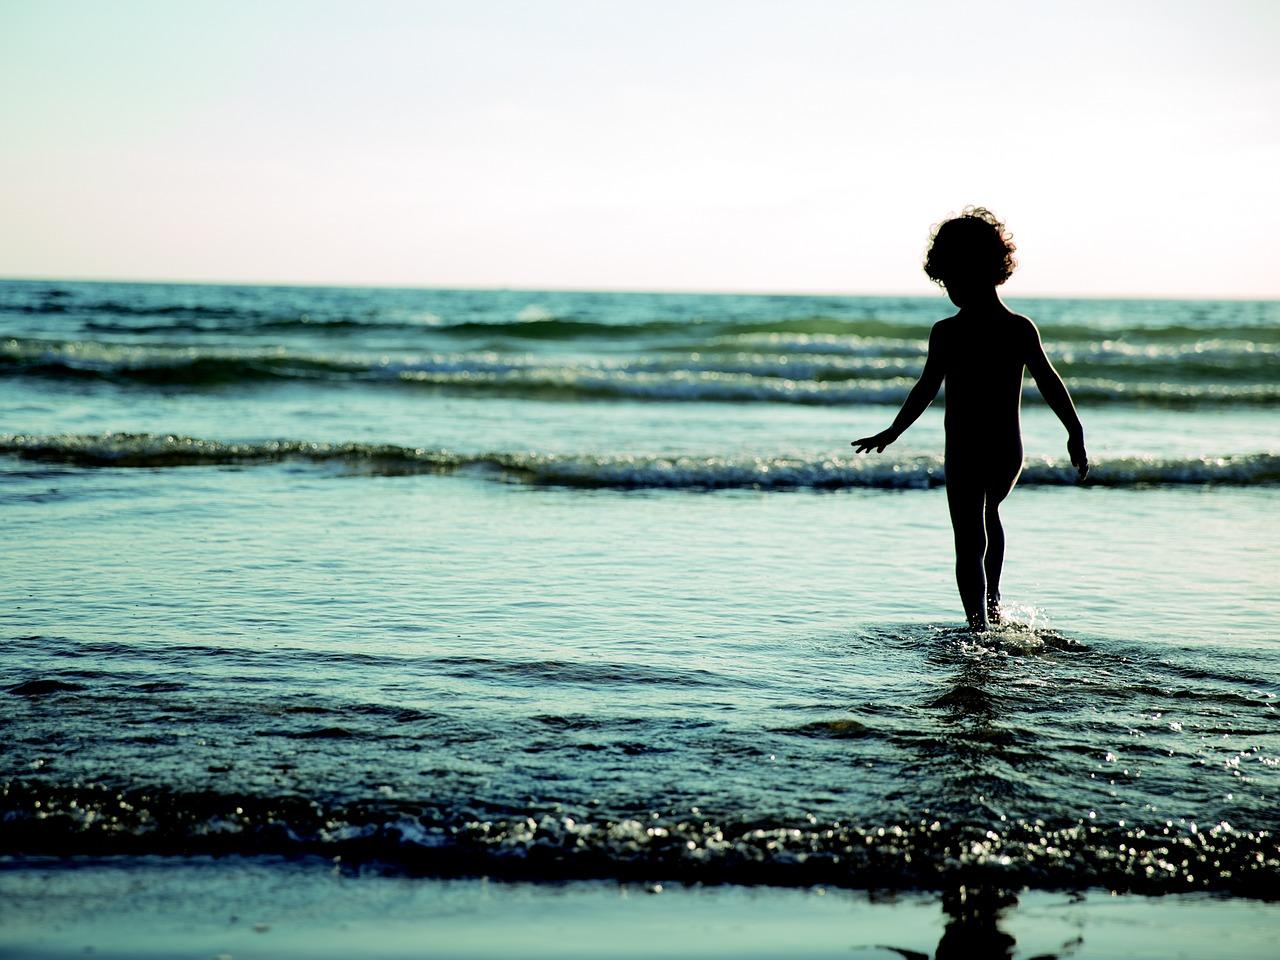 beach-1525755_1280-1